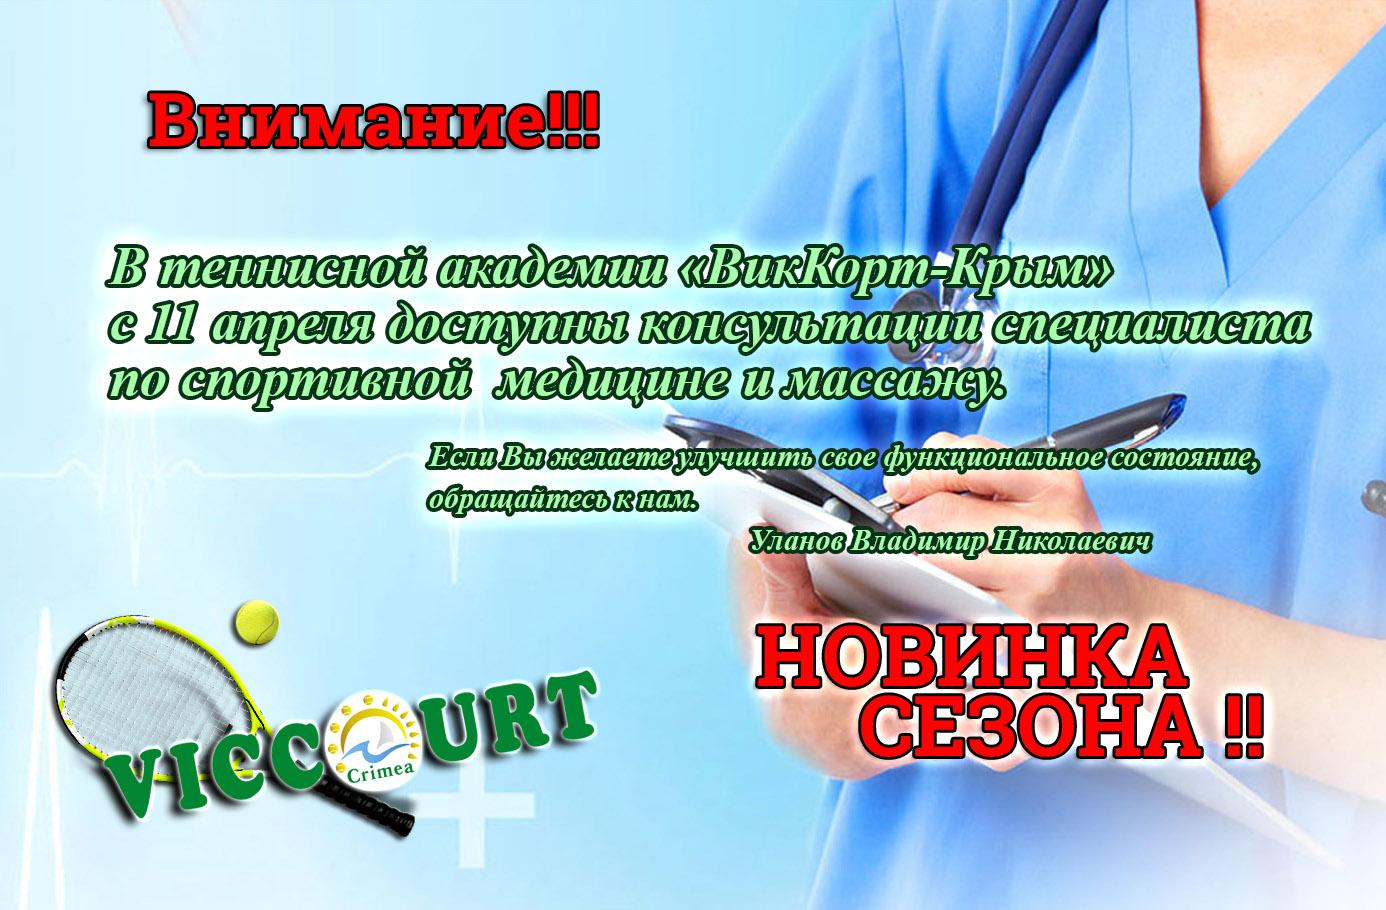 врач2